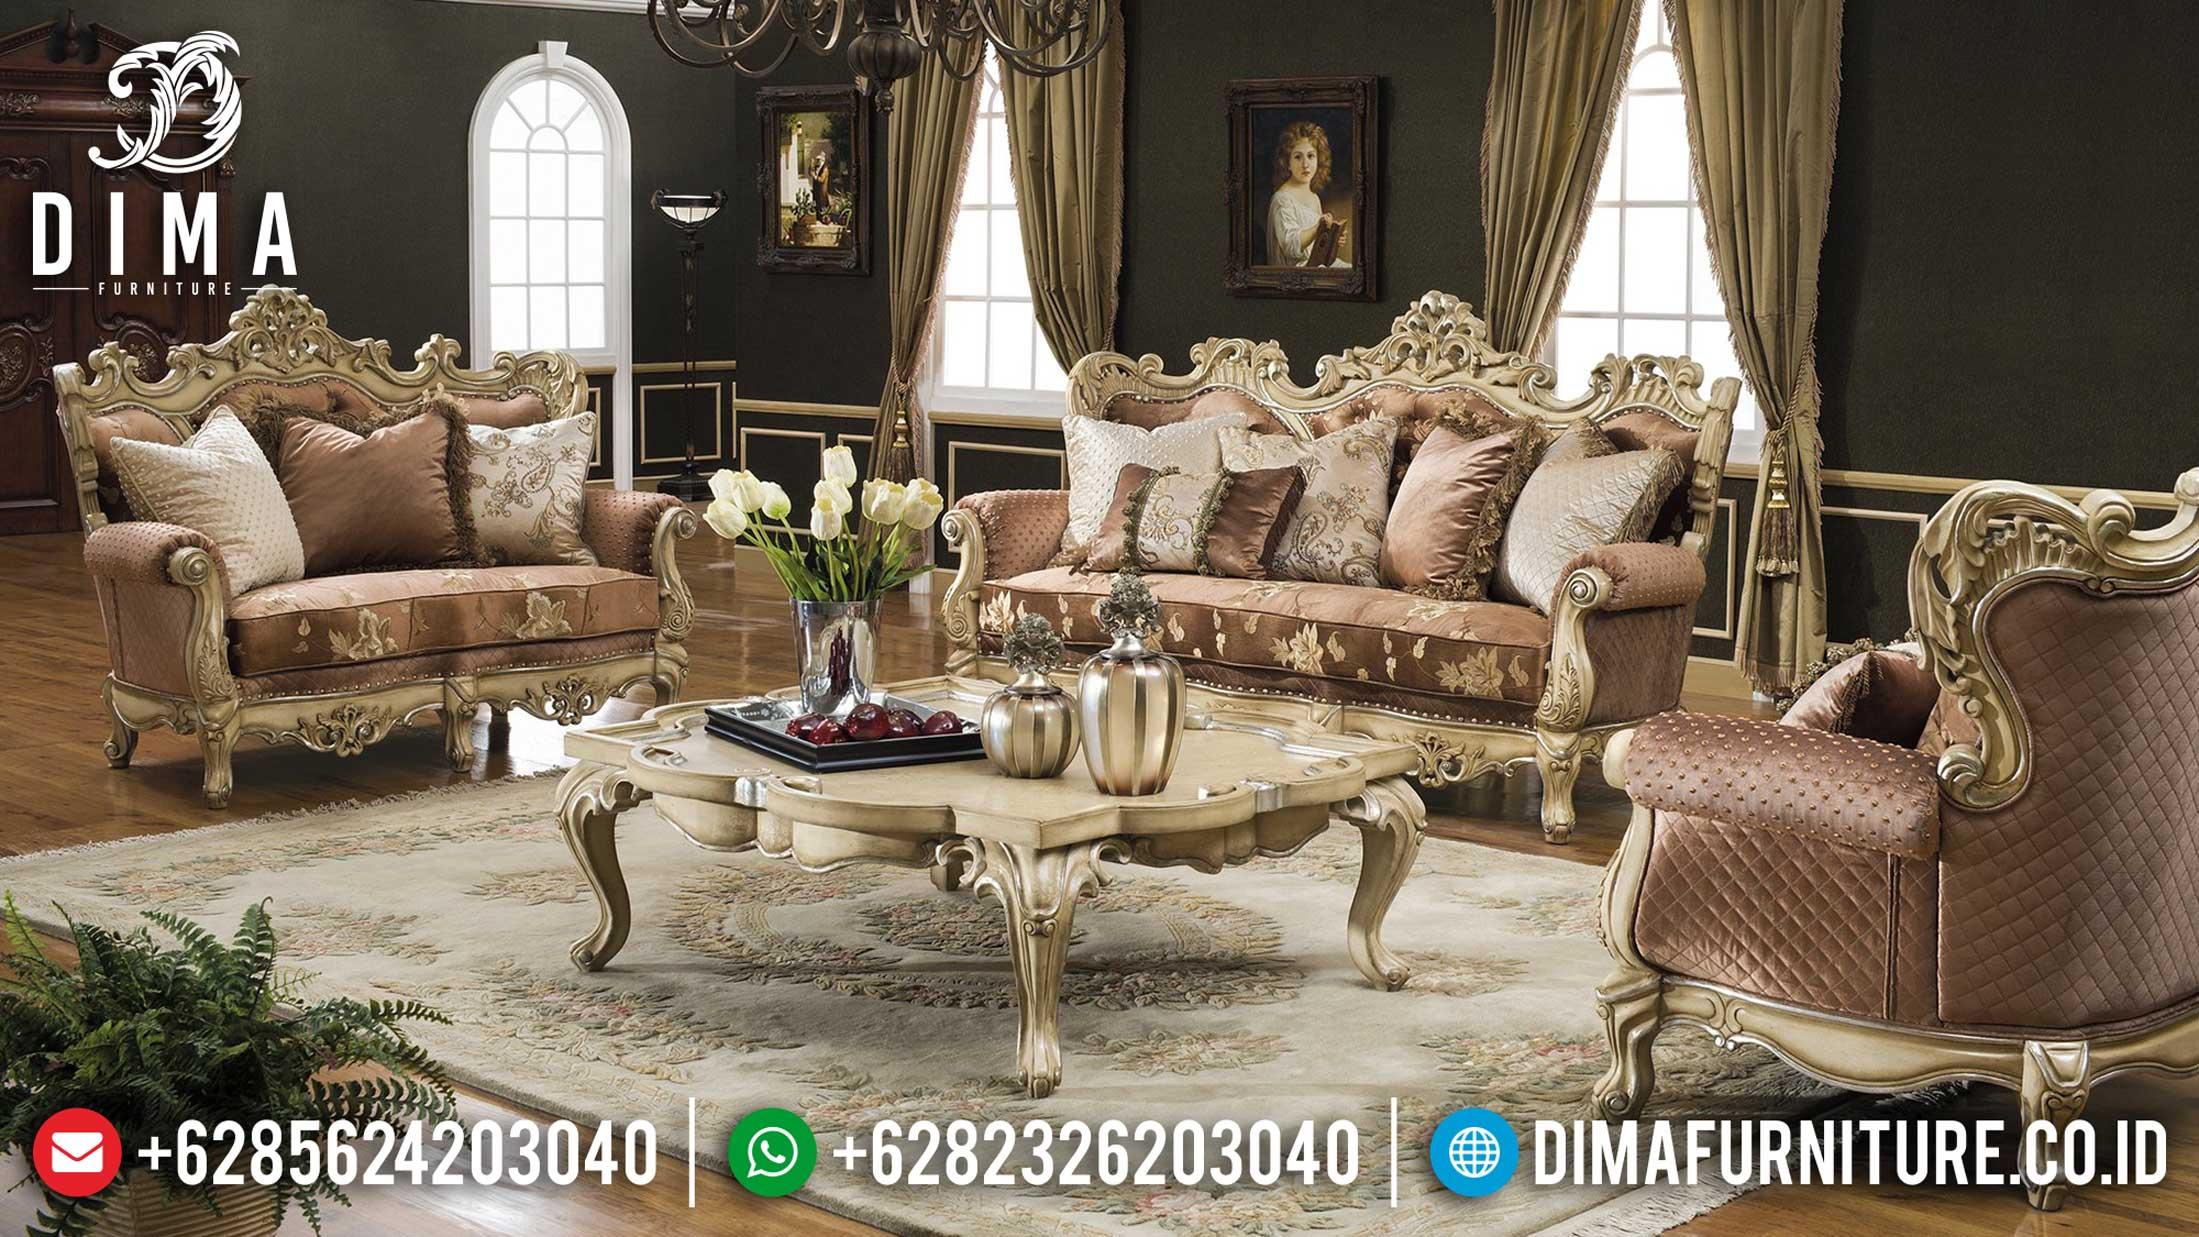 New Sofa Mewah Ruang Tamu Desain Luxury Ukiran Jepara Classic TTJ-1241